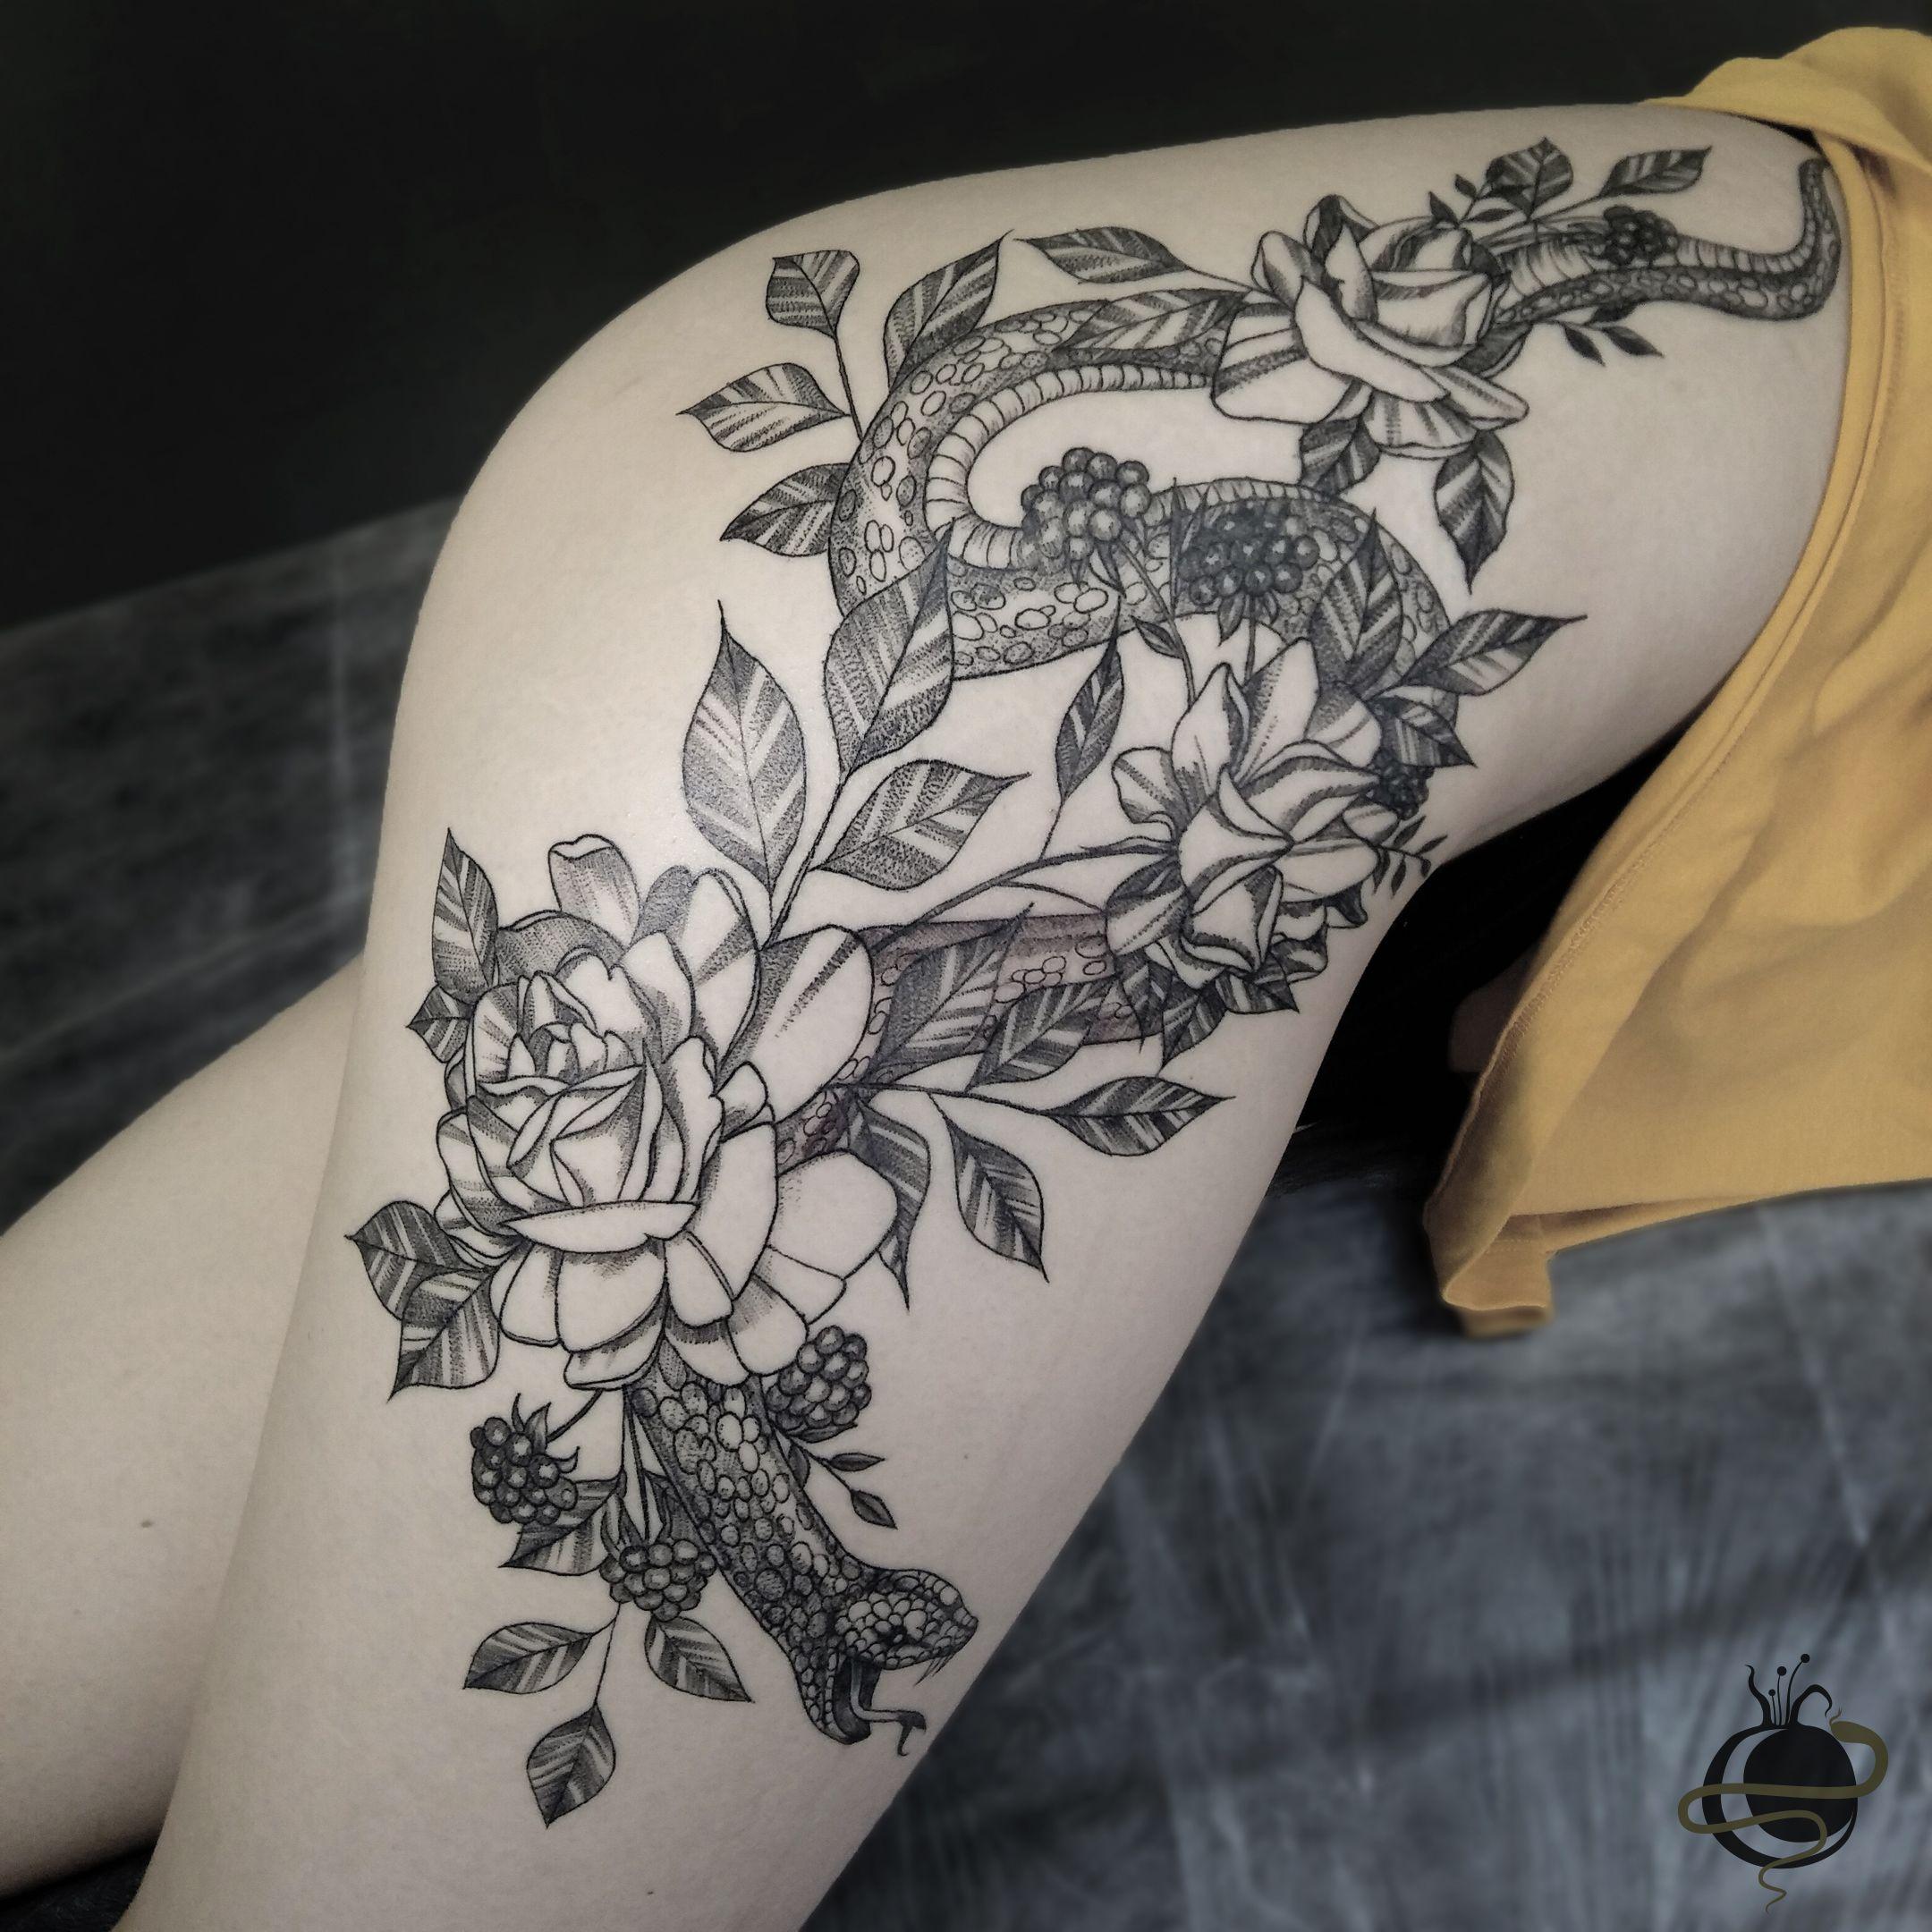 татуировка на бедре змея в цветах Tattoo Prozerpina татуировки